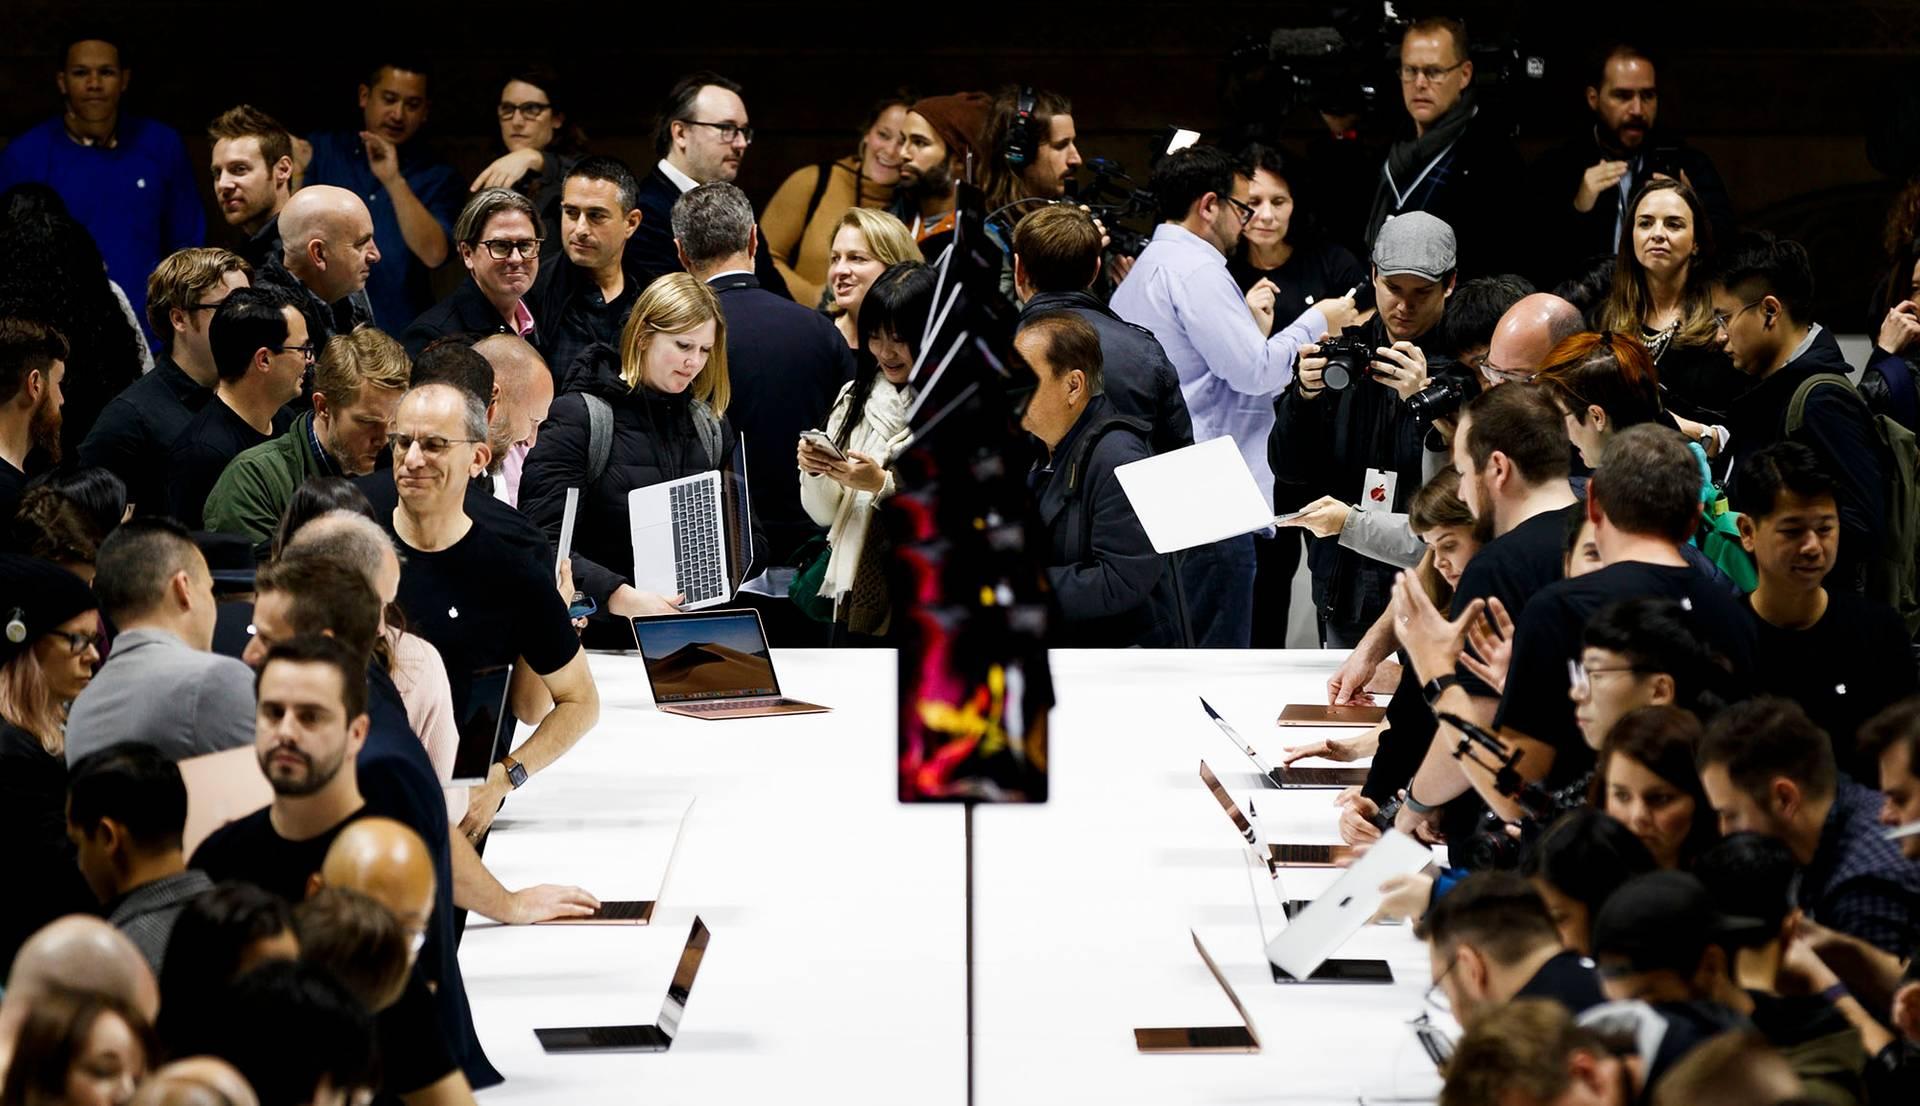 У Facebook заявили, що розглядають такі компанії як Apple, Amazon, Blackberry чи Yahoo як інтеграційних партнерів, а співпраця полягає у тому, щоб на платформах партнерів користувачі могли отримати доступ до свого акаунту (на фото — презентація нових продуктів Apple в Брукліні, Нью-Йорк, США, 30 жовтня 2018 року)